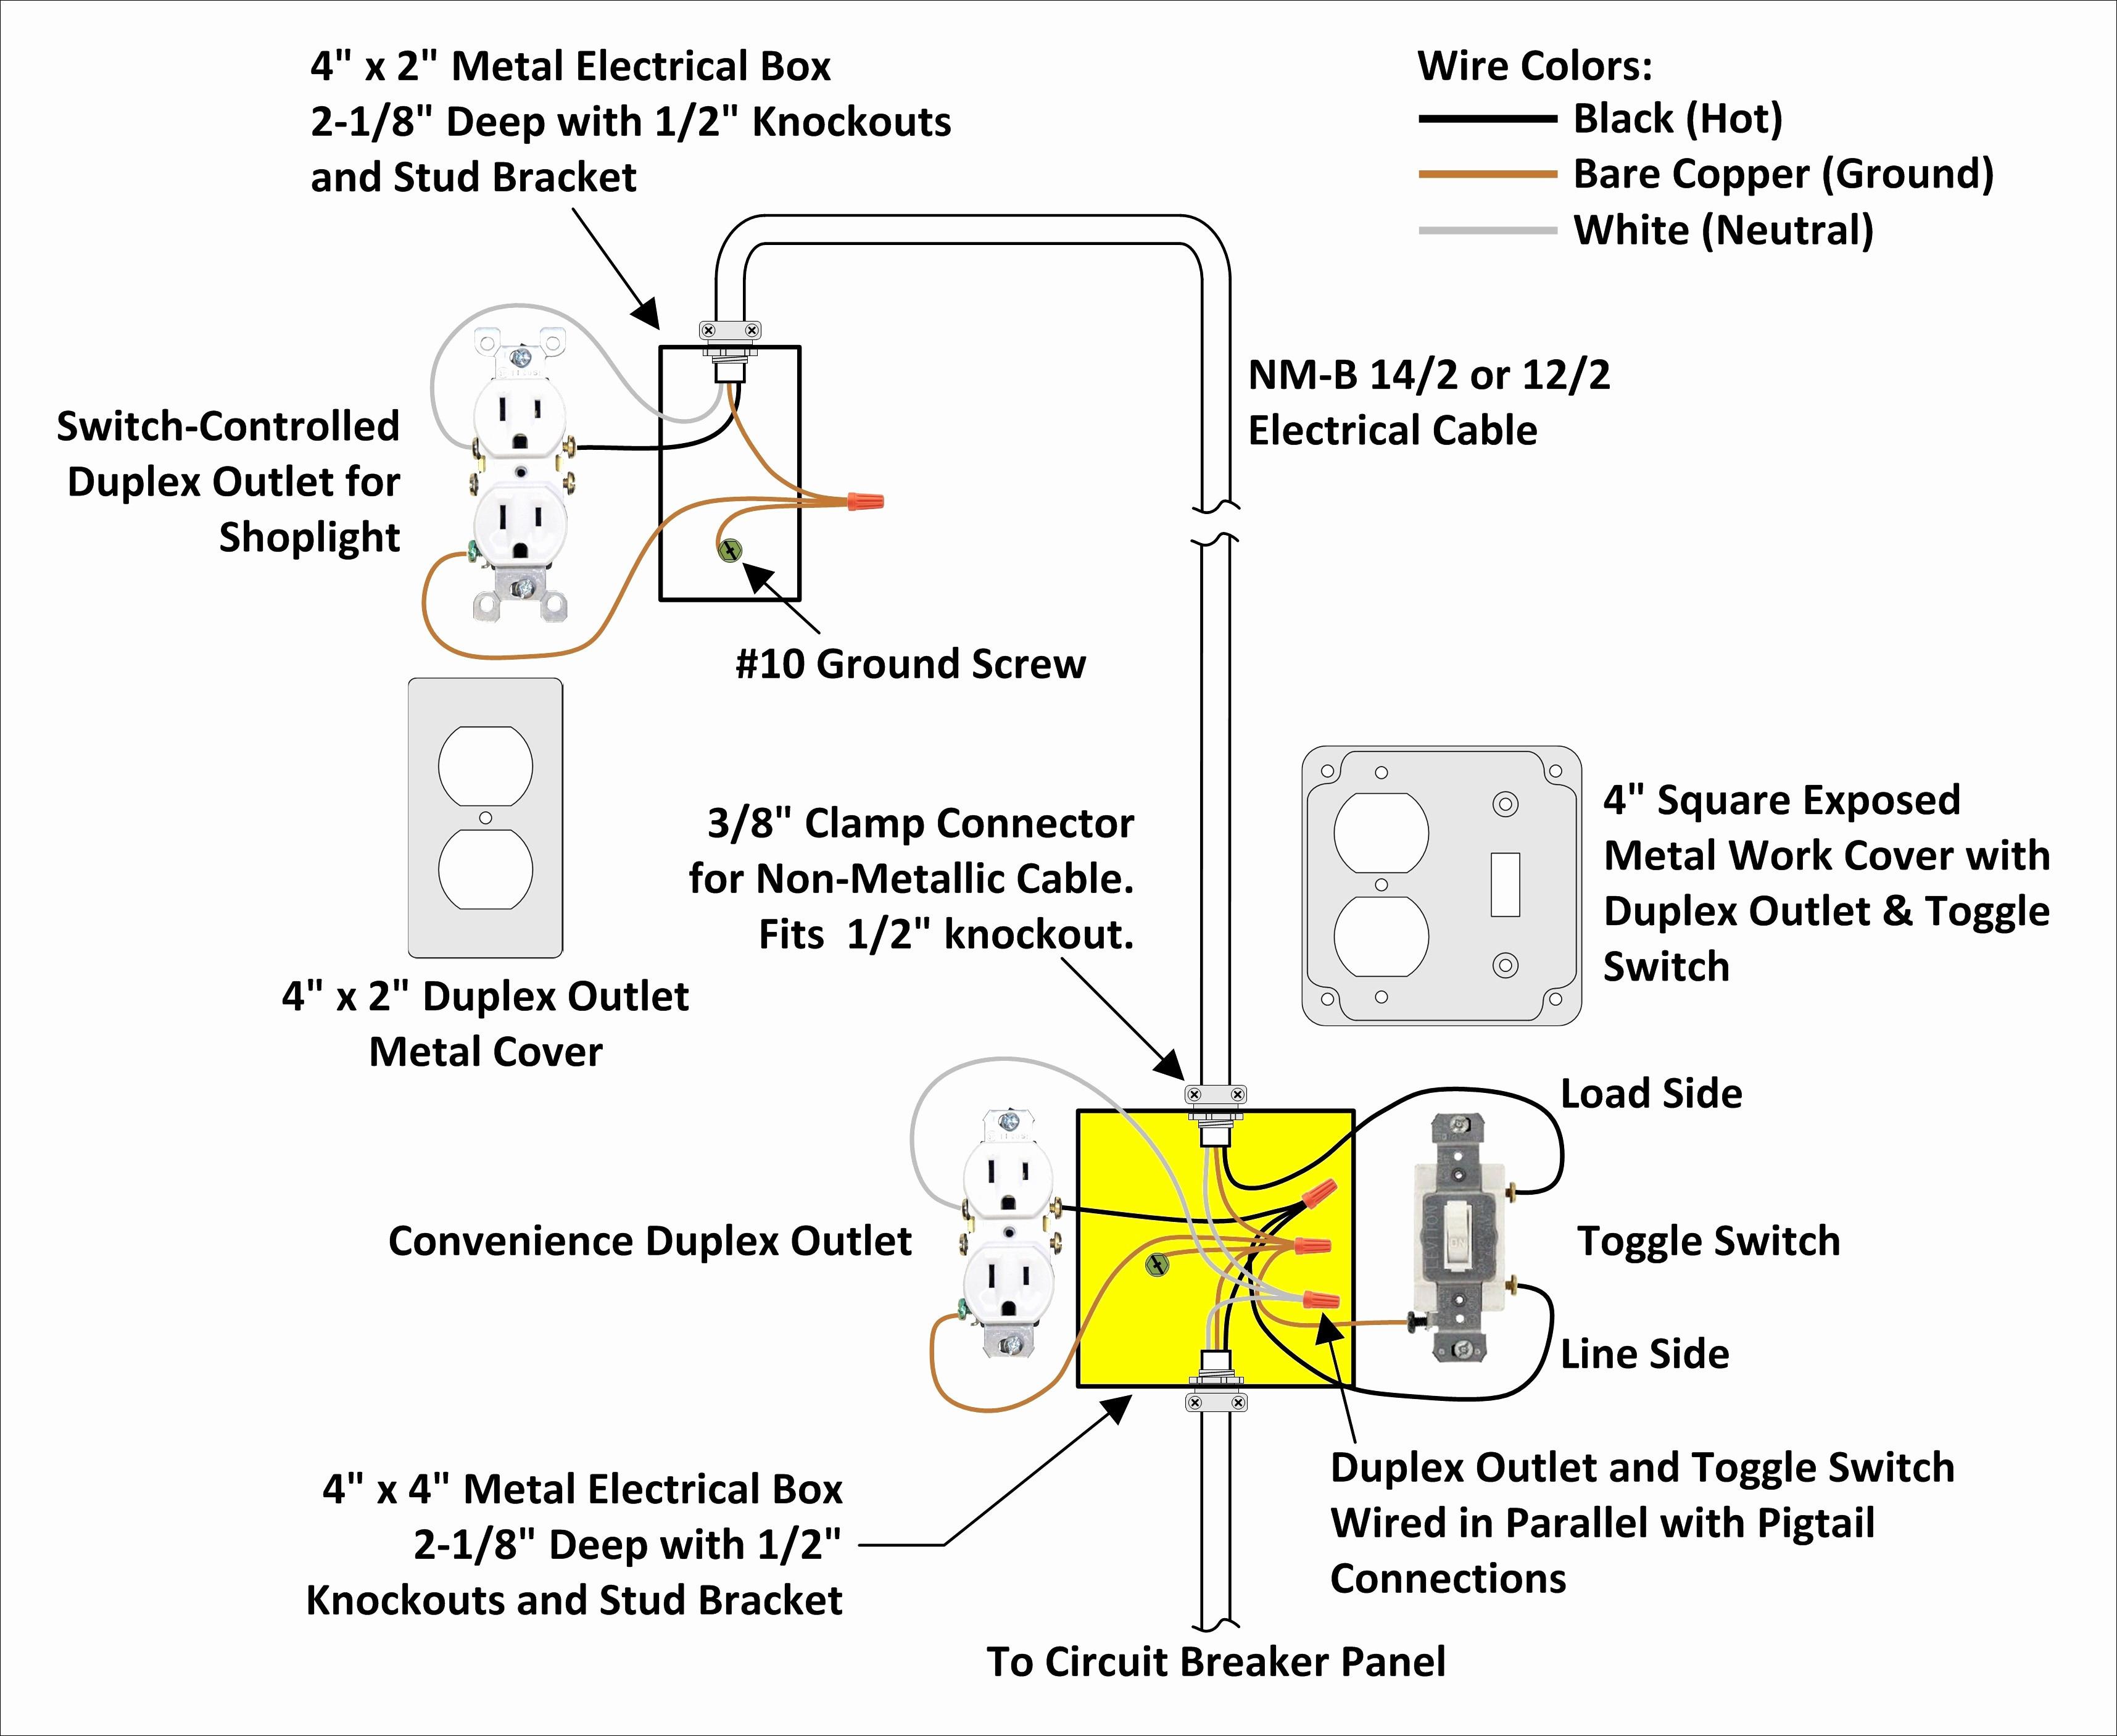 30 Amp To 50 Amp Adapter Wiring Diagram | Wiring Diagram - 50 Amp Plug Wiring Diagram